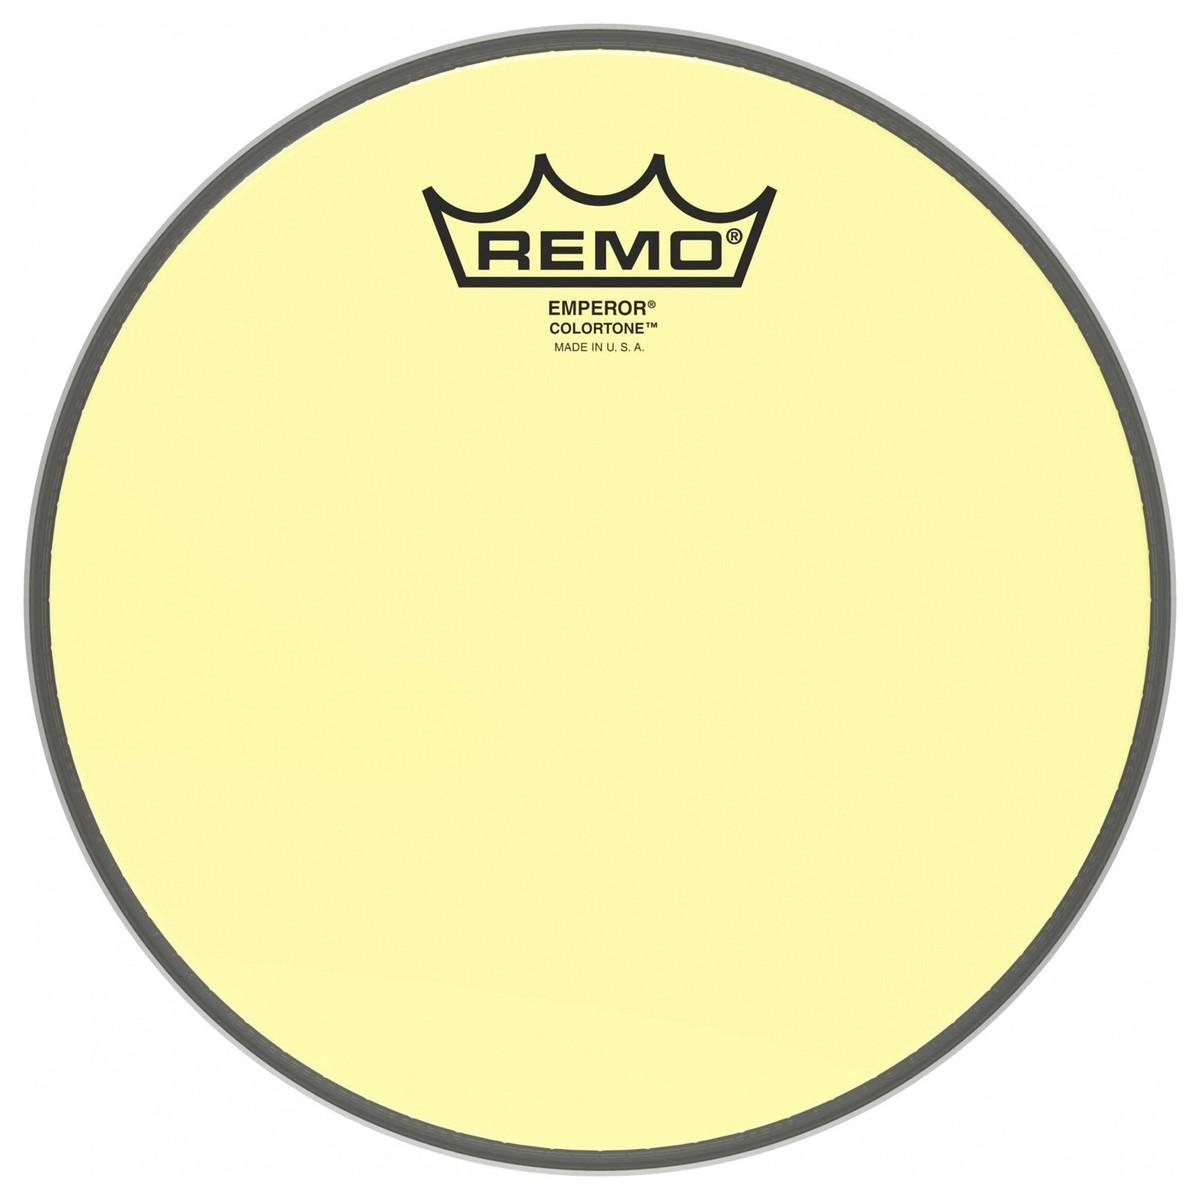 Remo Emperor Colortone 18 Yellow Drum Head